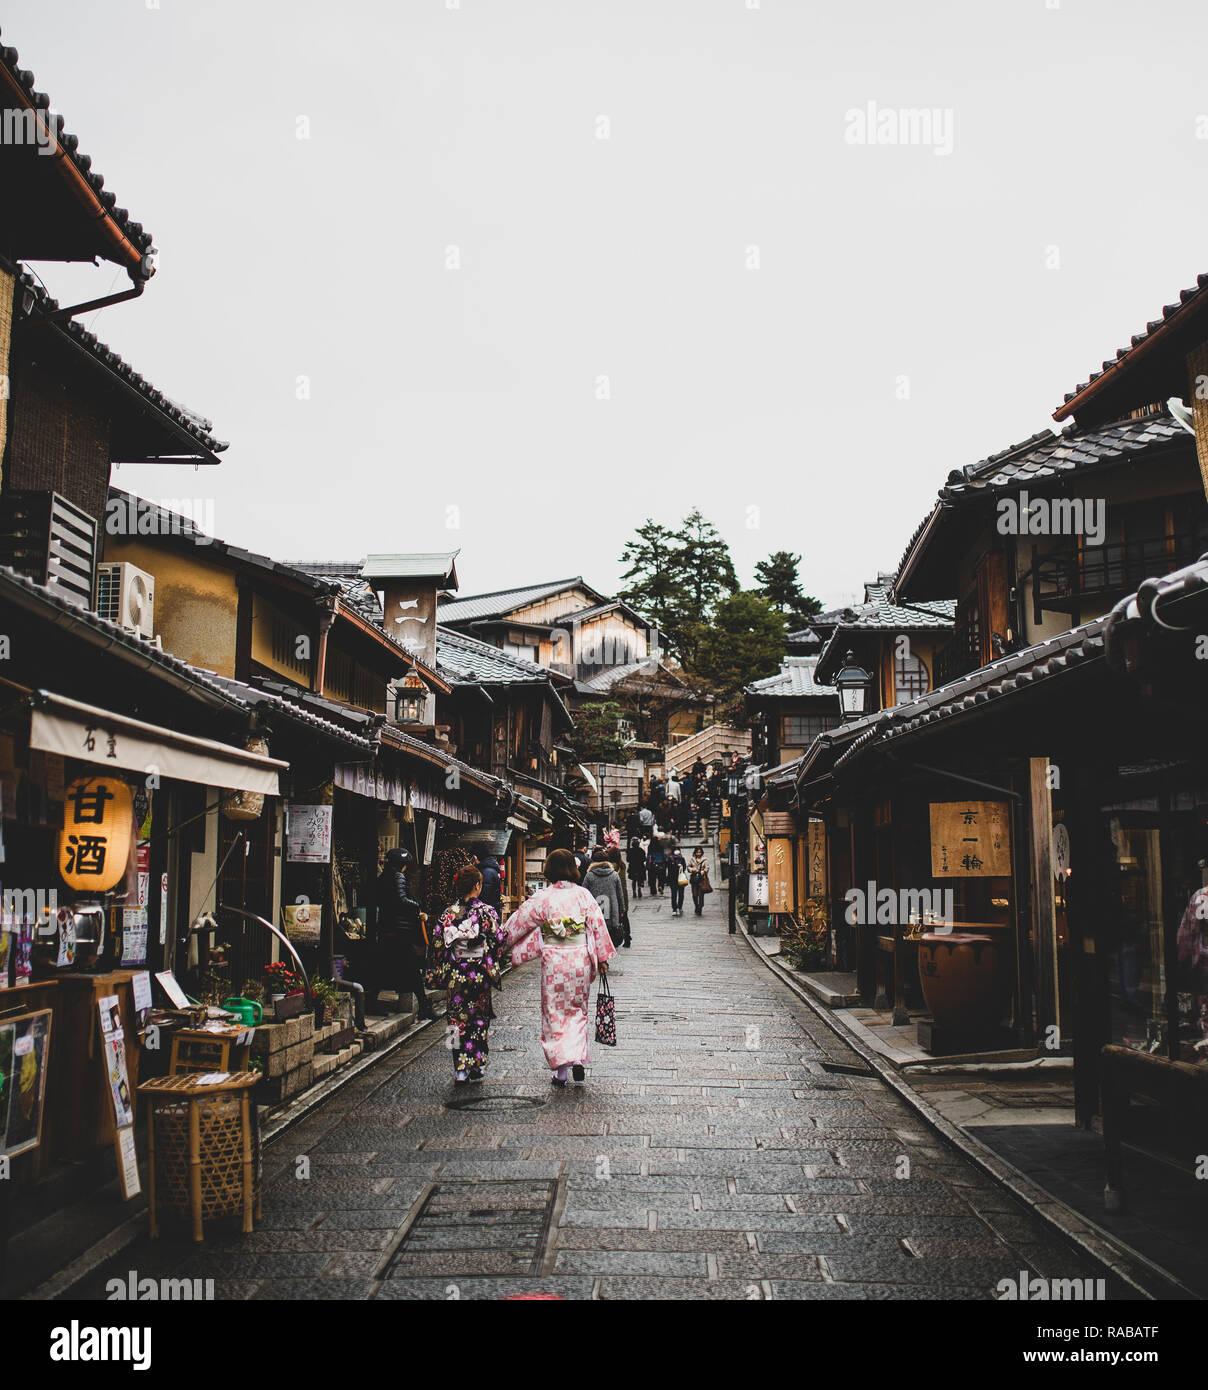 Touristen und japanische Frauen im traditionellen Kimono sind zu Fuß auf dem Weg zum kiyomizu-dera Tempel in Kyoto. Stockfoto